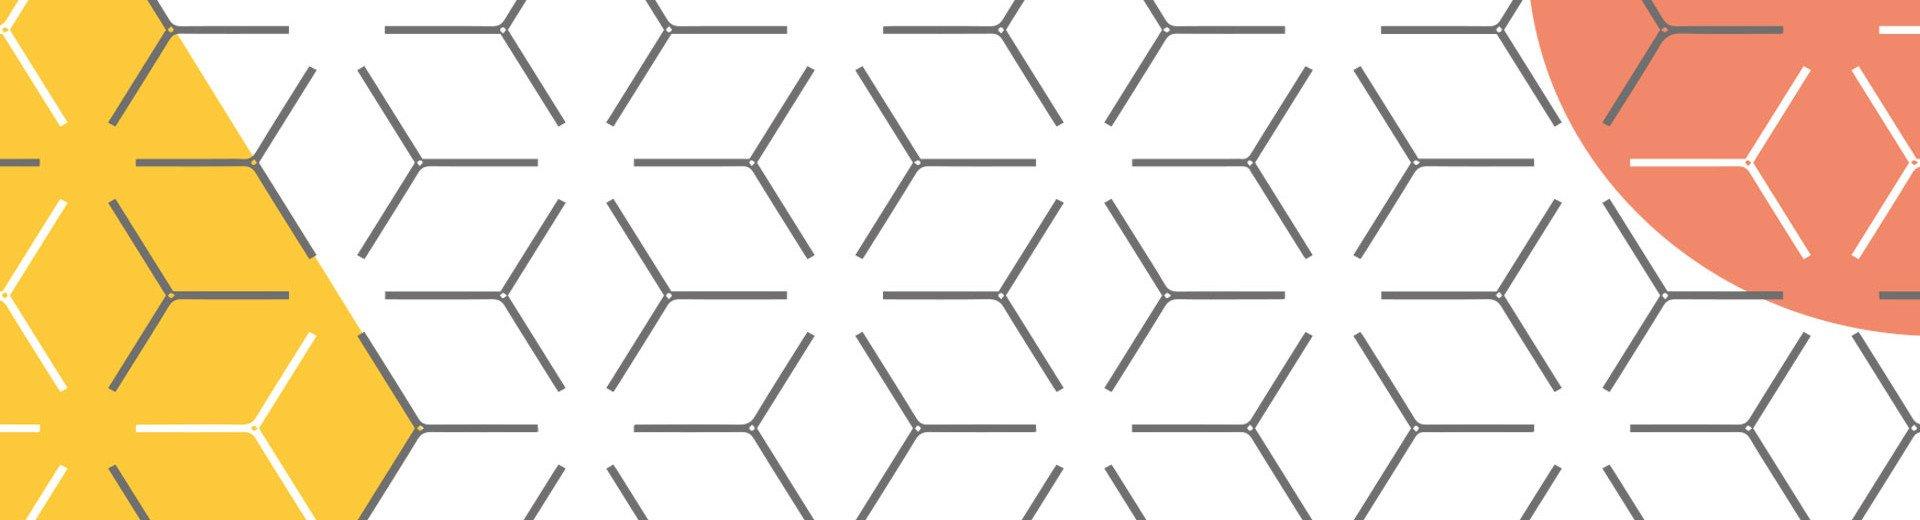 Okładka artykułu Projektowanie identyfikacji wizualnej przedsiębiorstwa — Konferencja Urzędu Patentowego RP, Warszawa - 25 i 26 marca